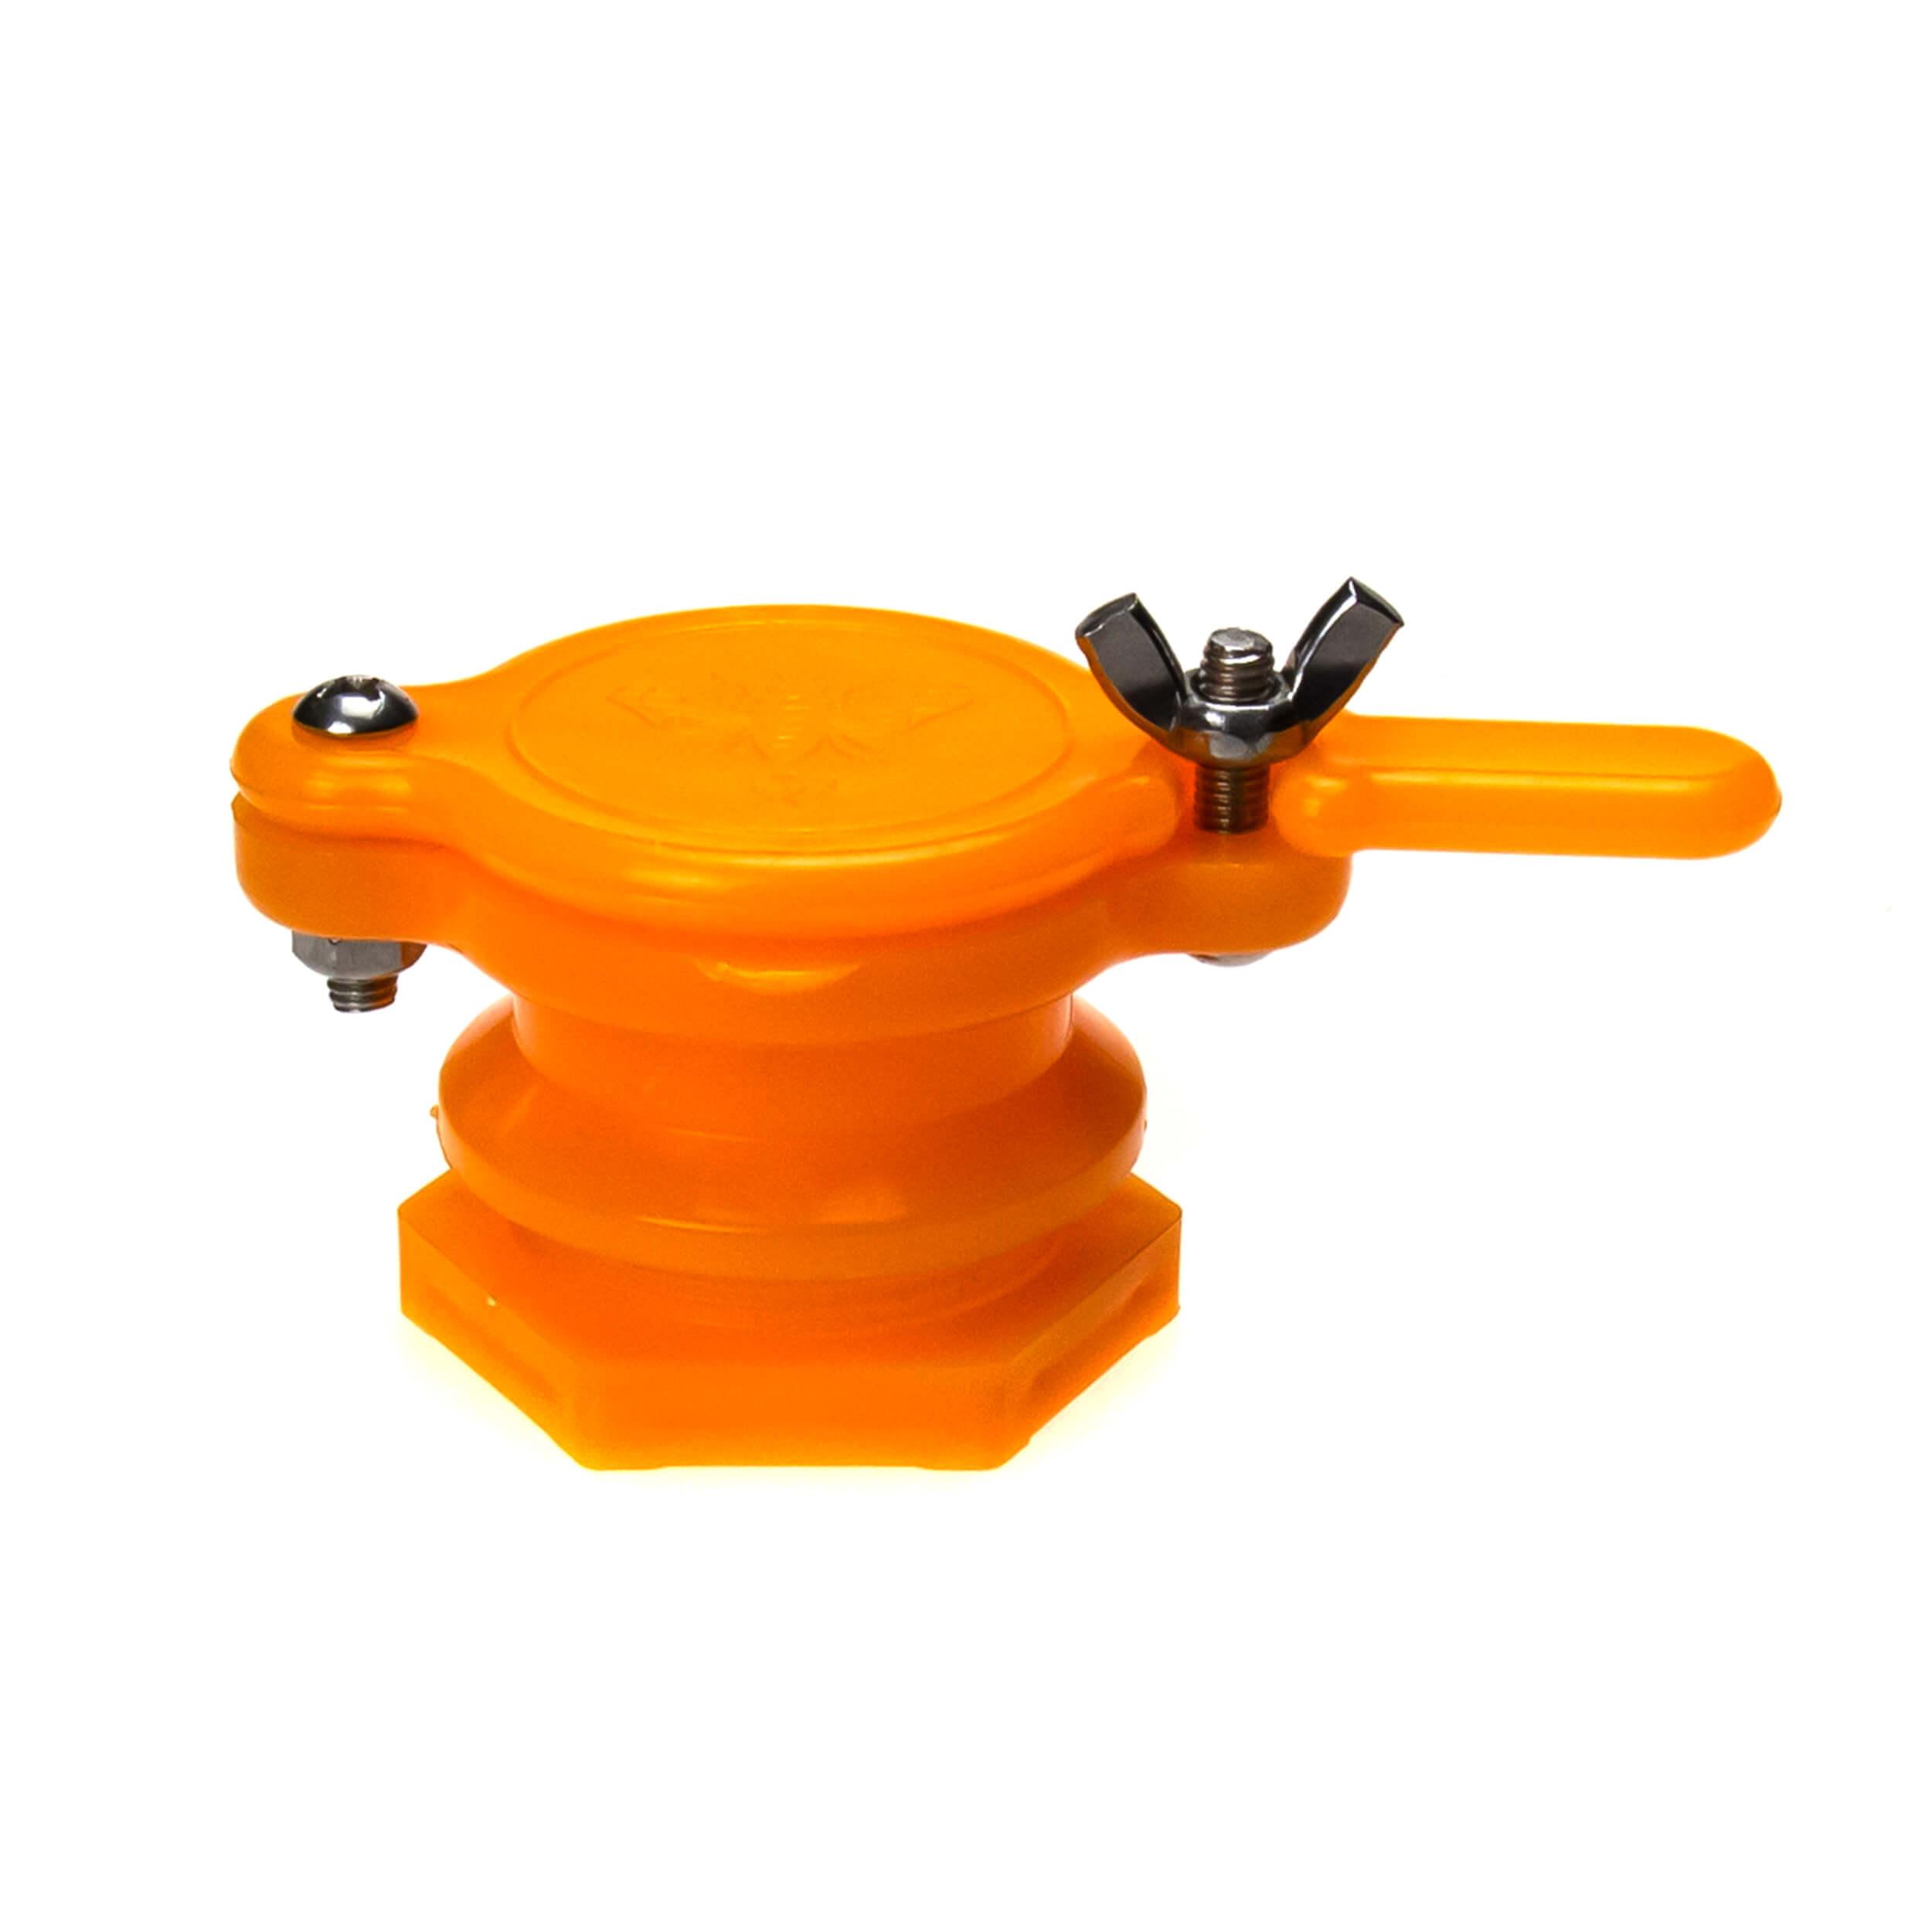 """Кран для медогонки """"Пчёлка-Orange"""" (пластик) фото"""